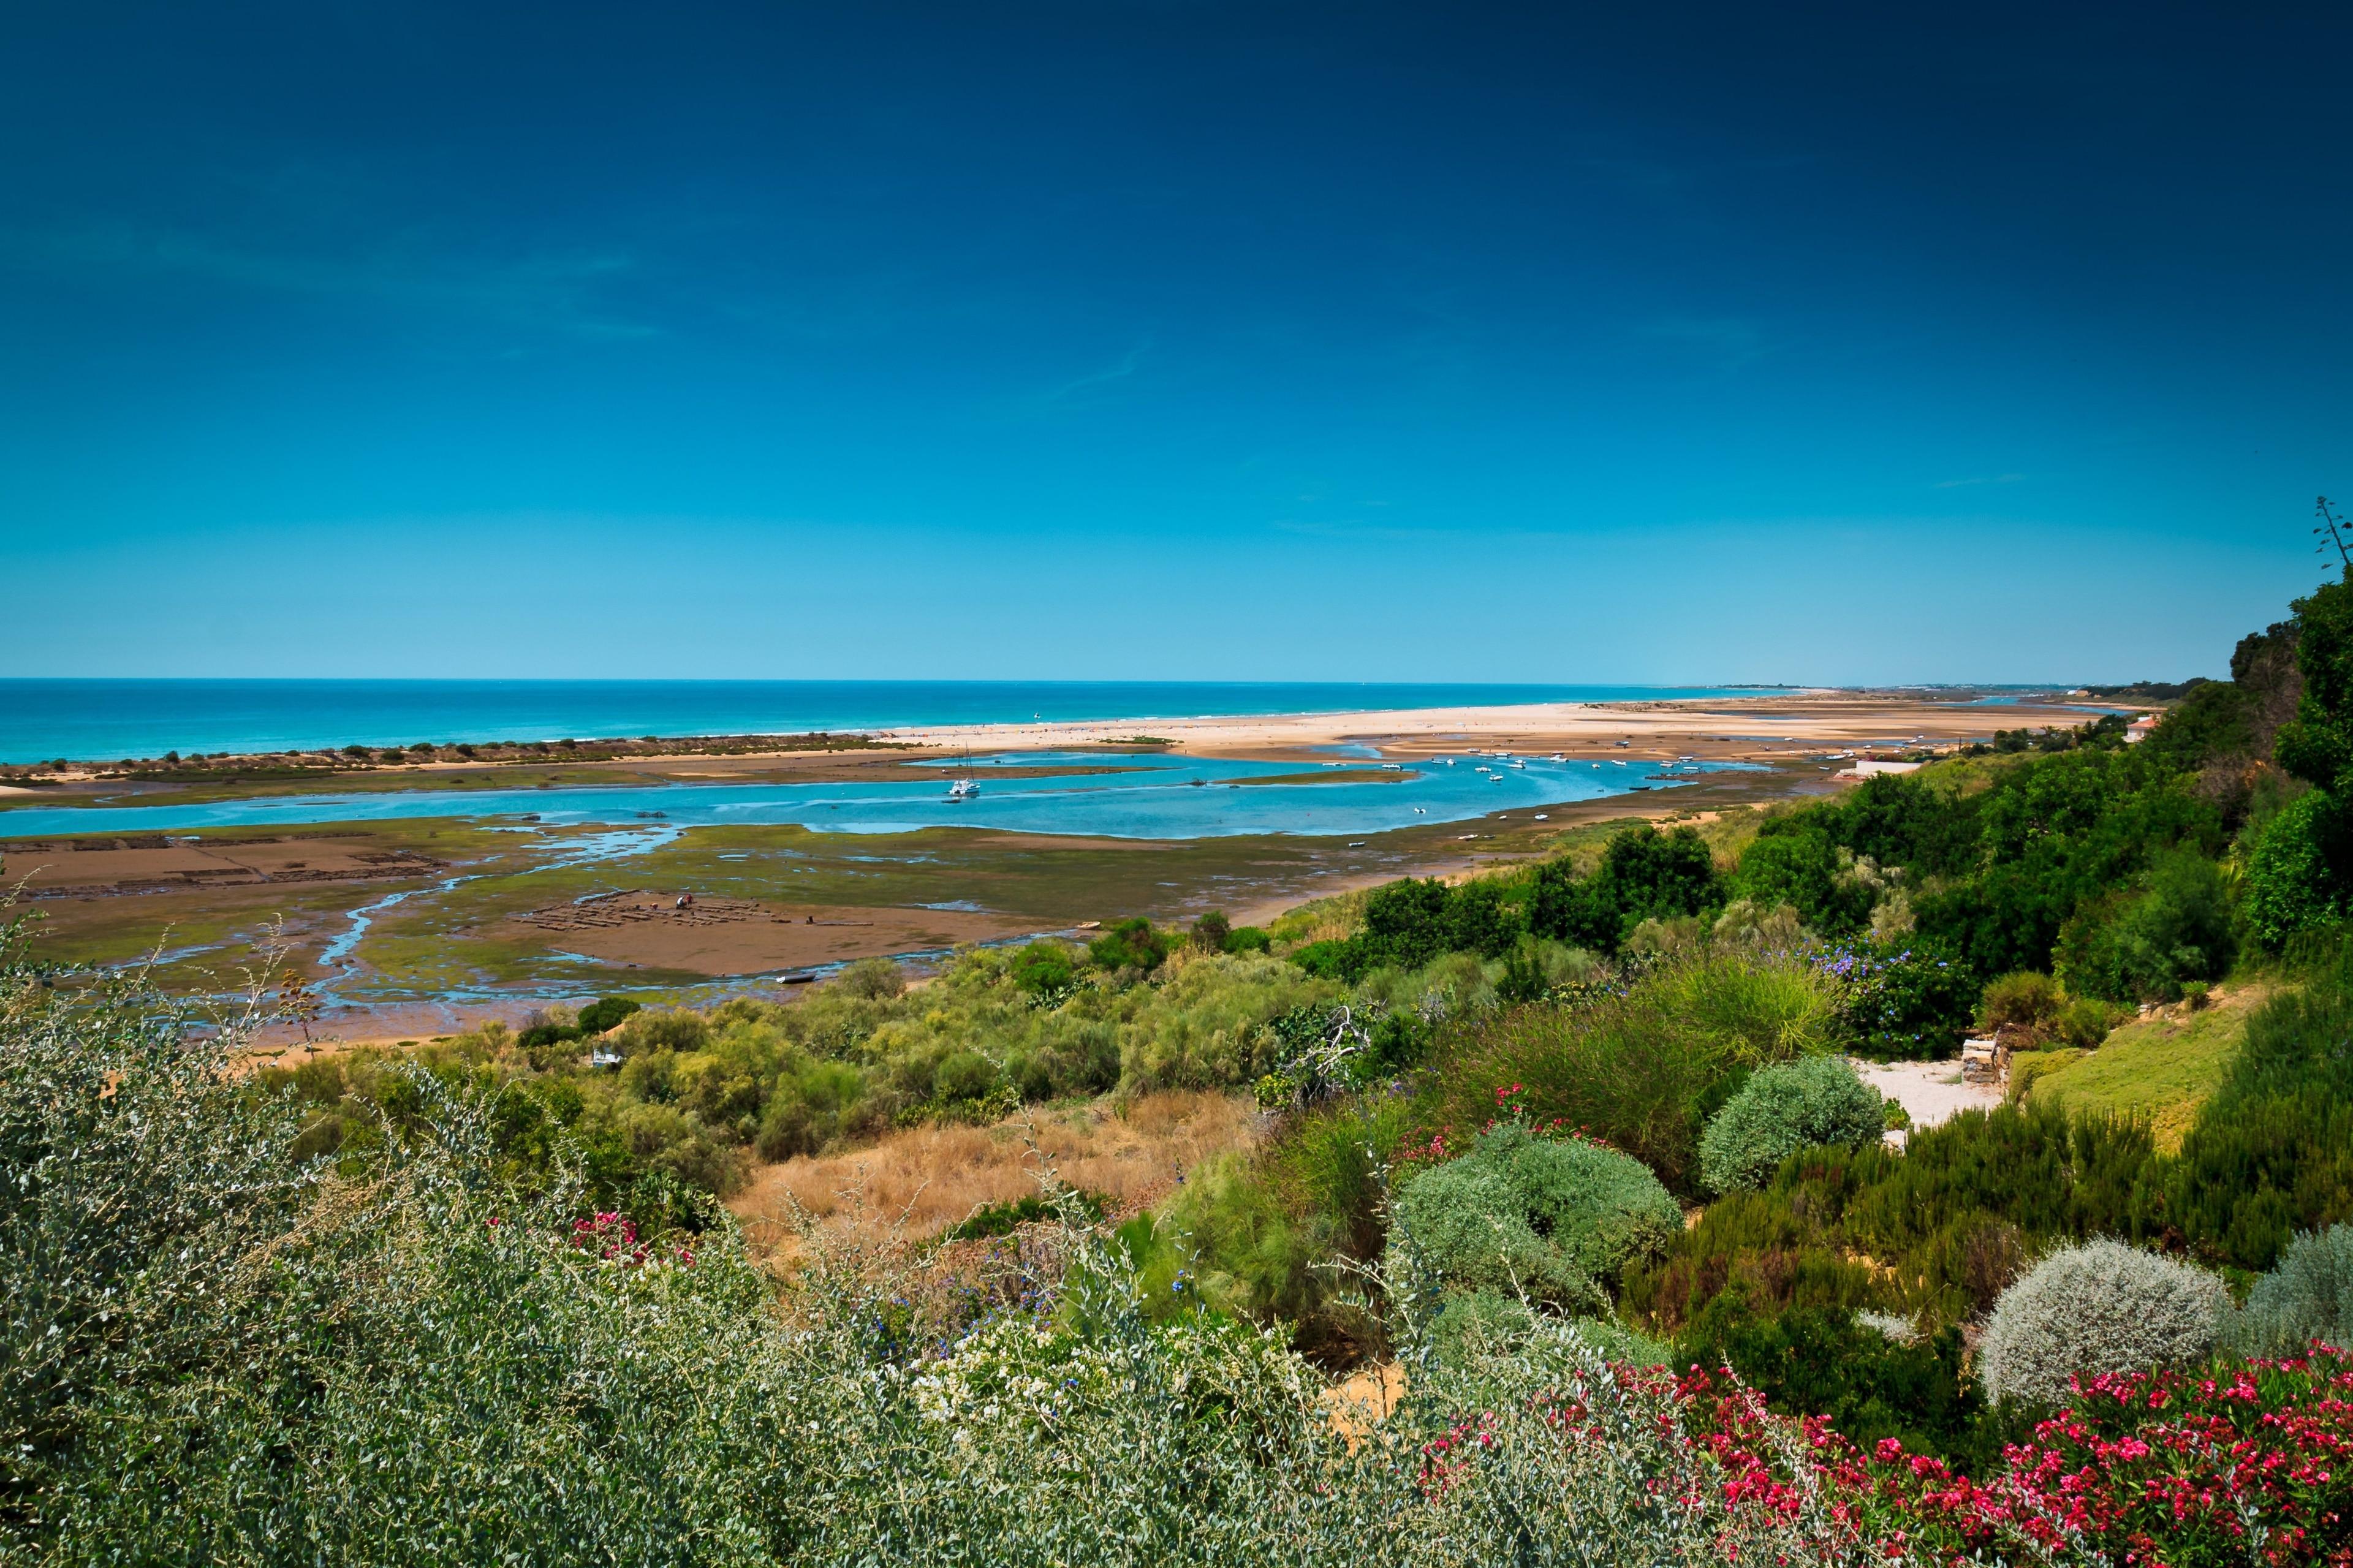 Vila Real Santo Antonio, Faro District, Portugal